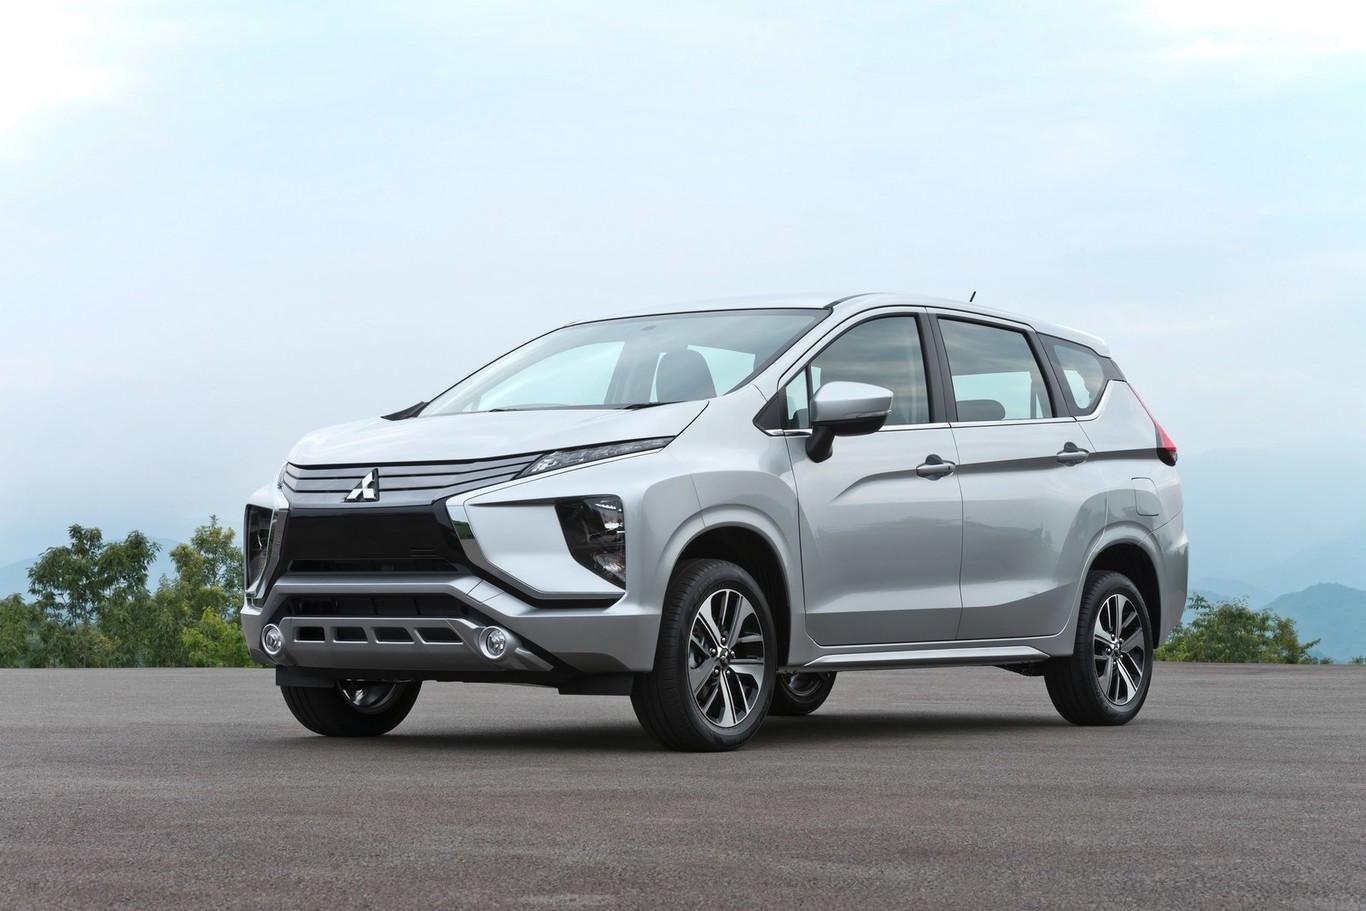 Mitsubishi Xpander debuta en el Salón de Indonesia: nueva SUV compacta